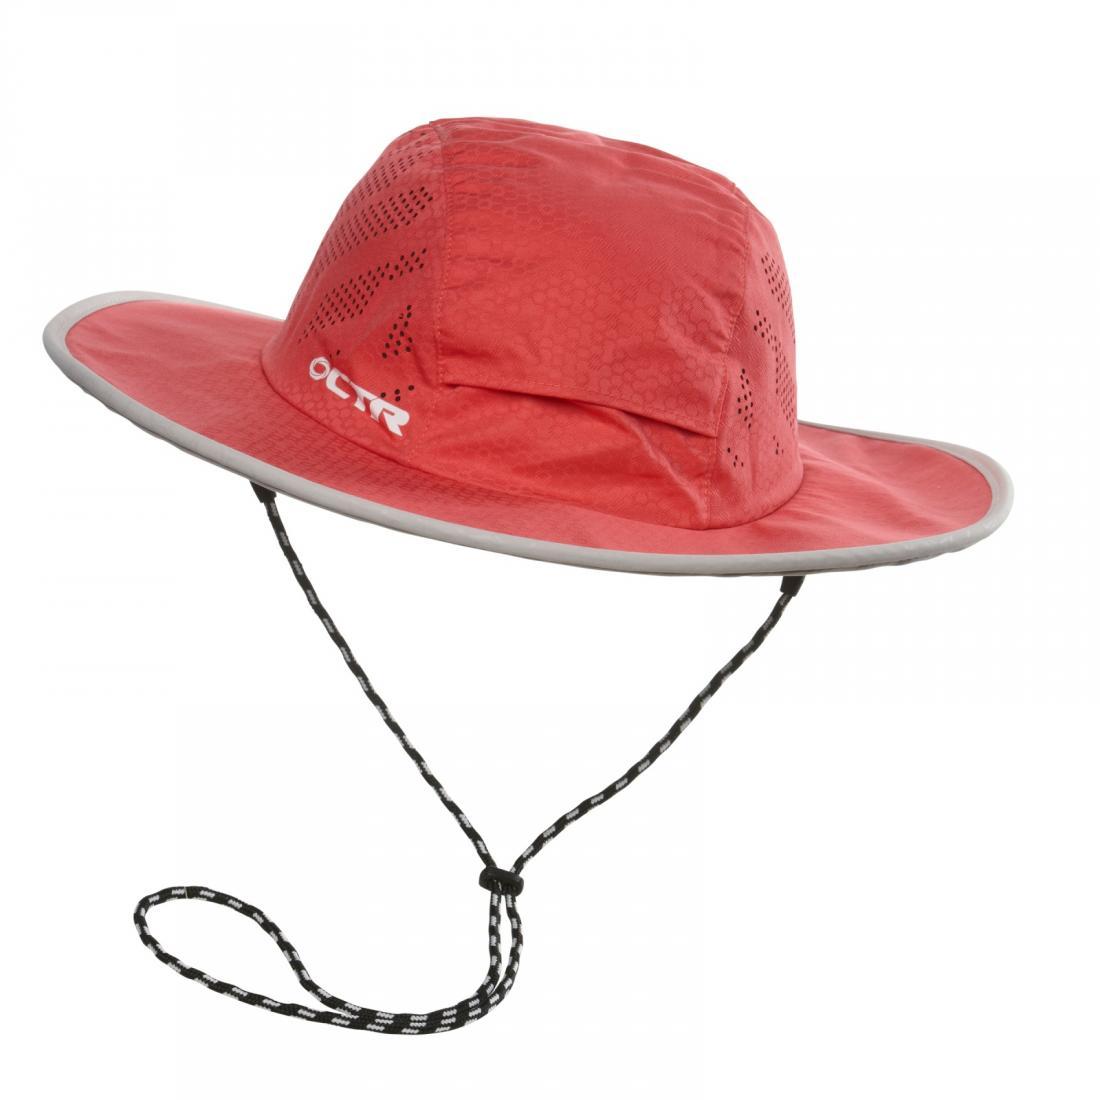 Панама Chaos  Summit Expedition HatПанамы<br><br> В условиях экстремальной жары сложно обойтись без головного убора. Панама Chaos Summit Expedition Hat станет настоящей находкой для любителей пляжного отдыха и путешествий по теплым странам. Она надежно защищает от палящих солнечных лучей и служит ...<br><br>Цвет: Красный<br>Размер: L-XL